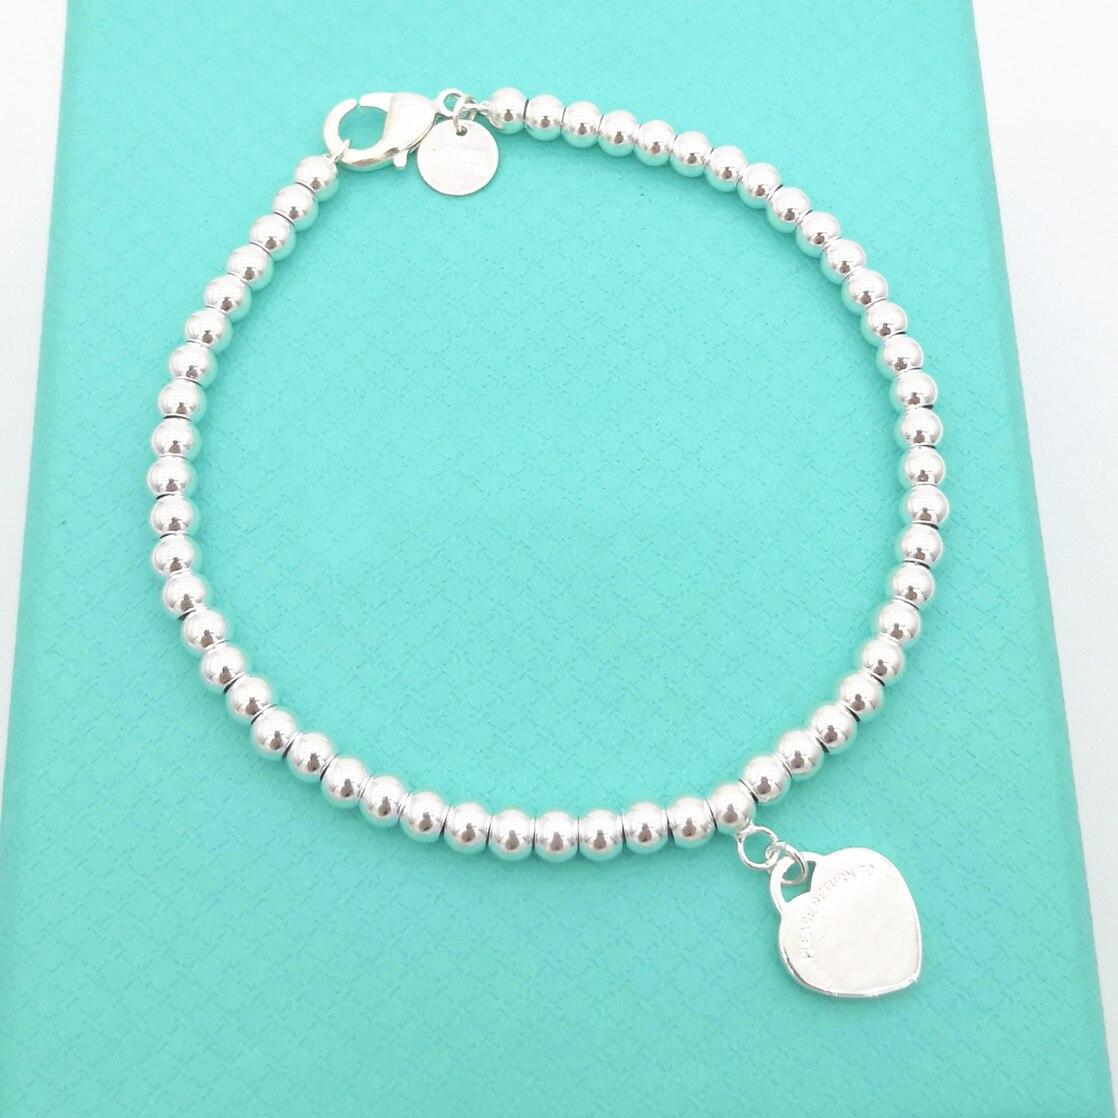 1 1 pulsera de plata de ley 925 clásica con forma de corazón para mujer, pulsera de bolas de 4mm, joyería para regalo de vacaciones